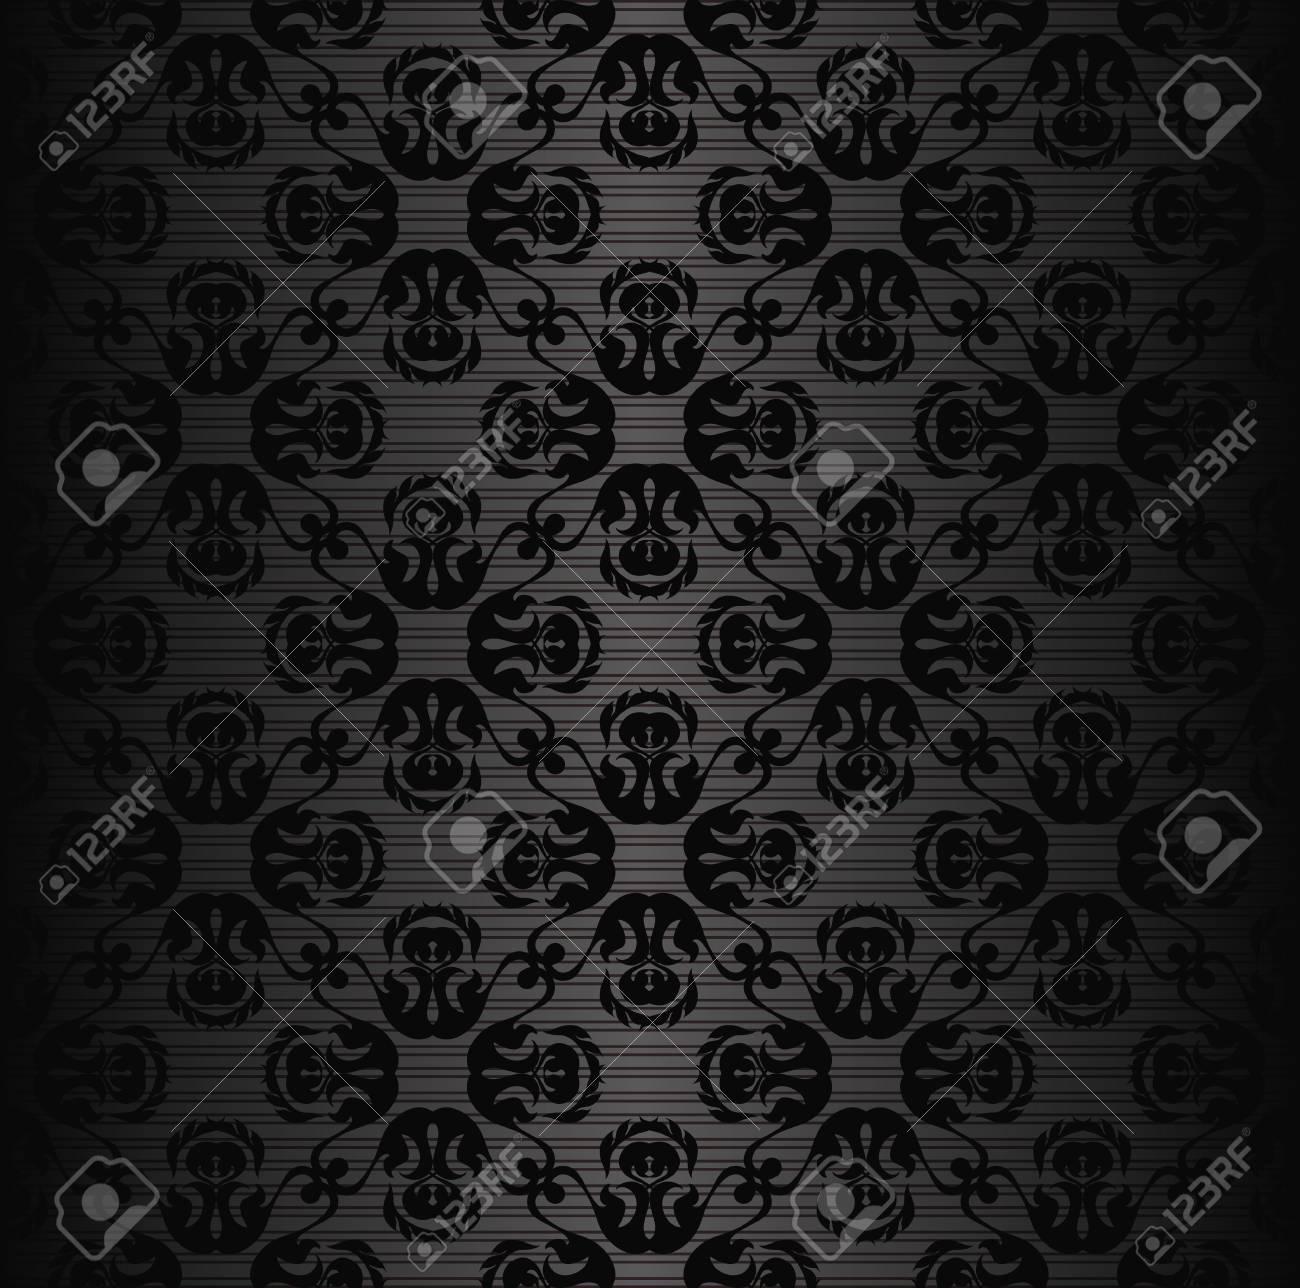 黒のモダンなシームレスな壁紙 ストライプの背景 のイラスト素材